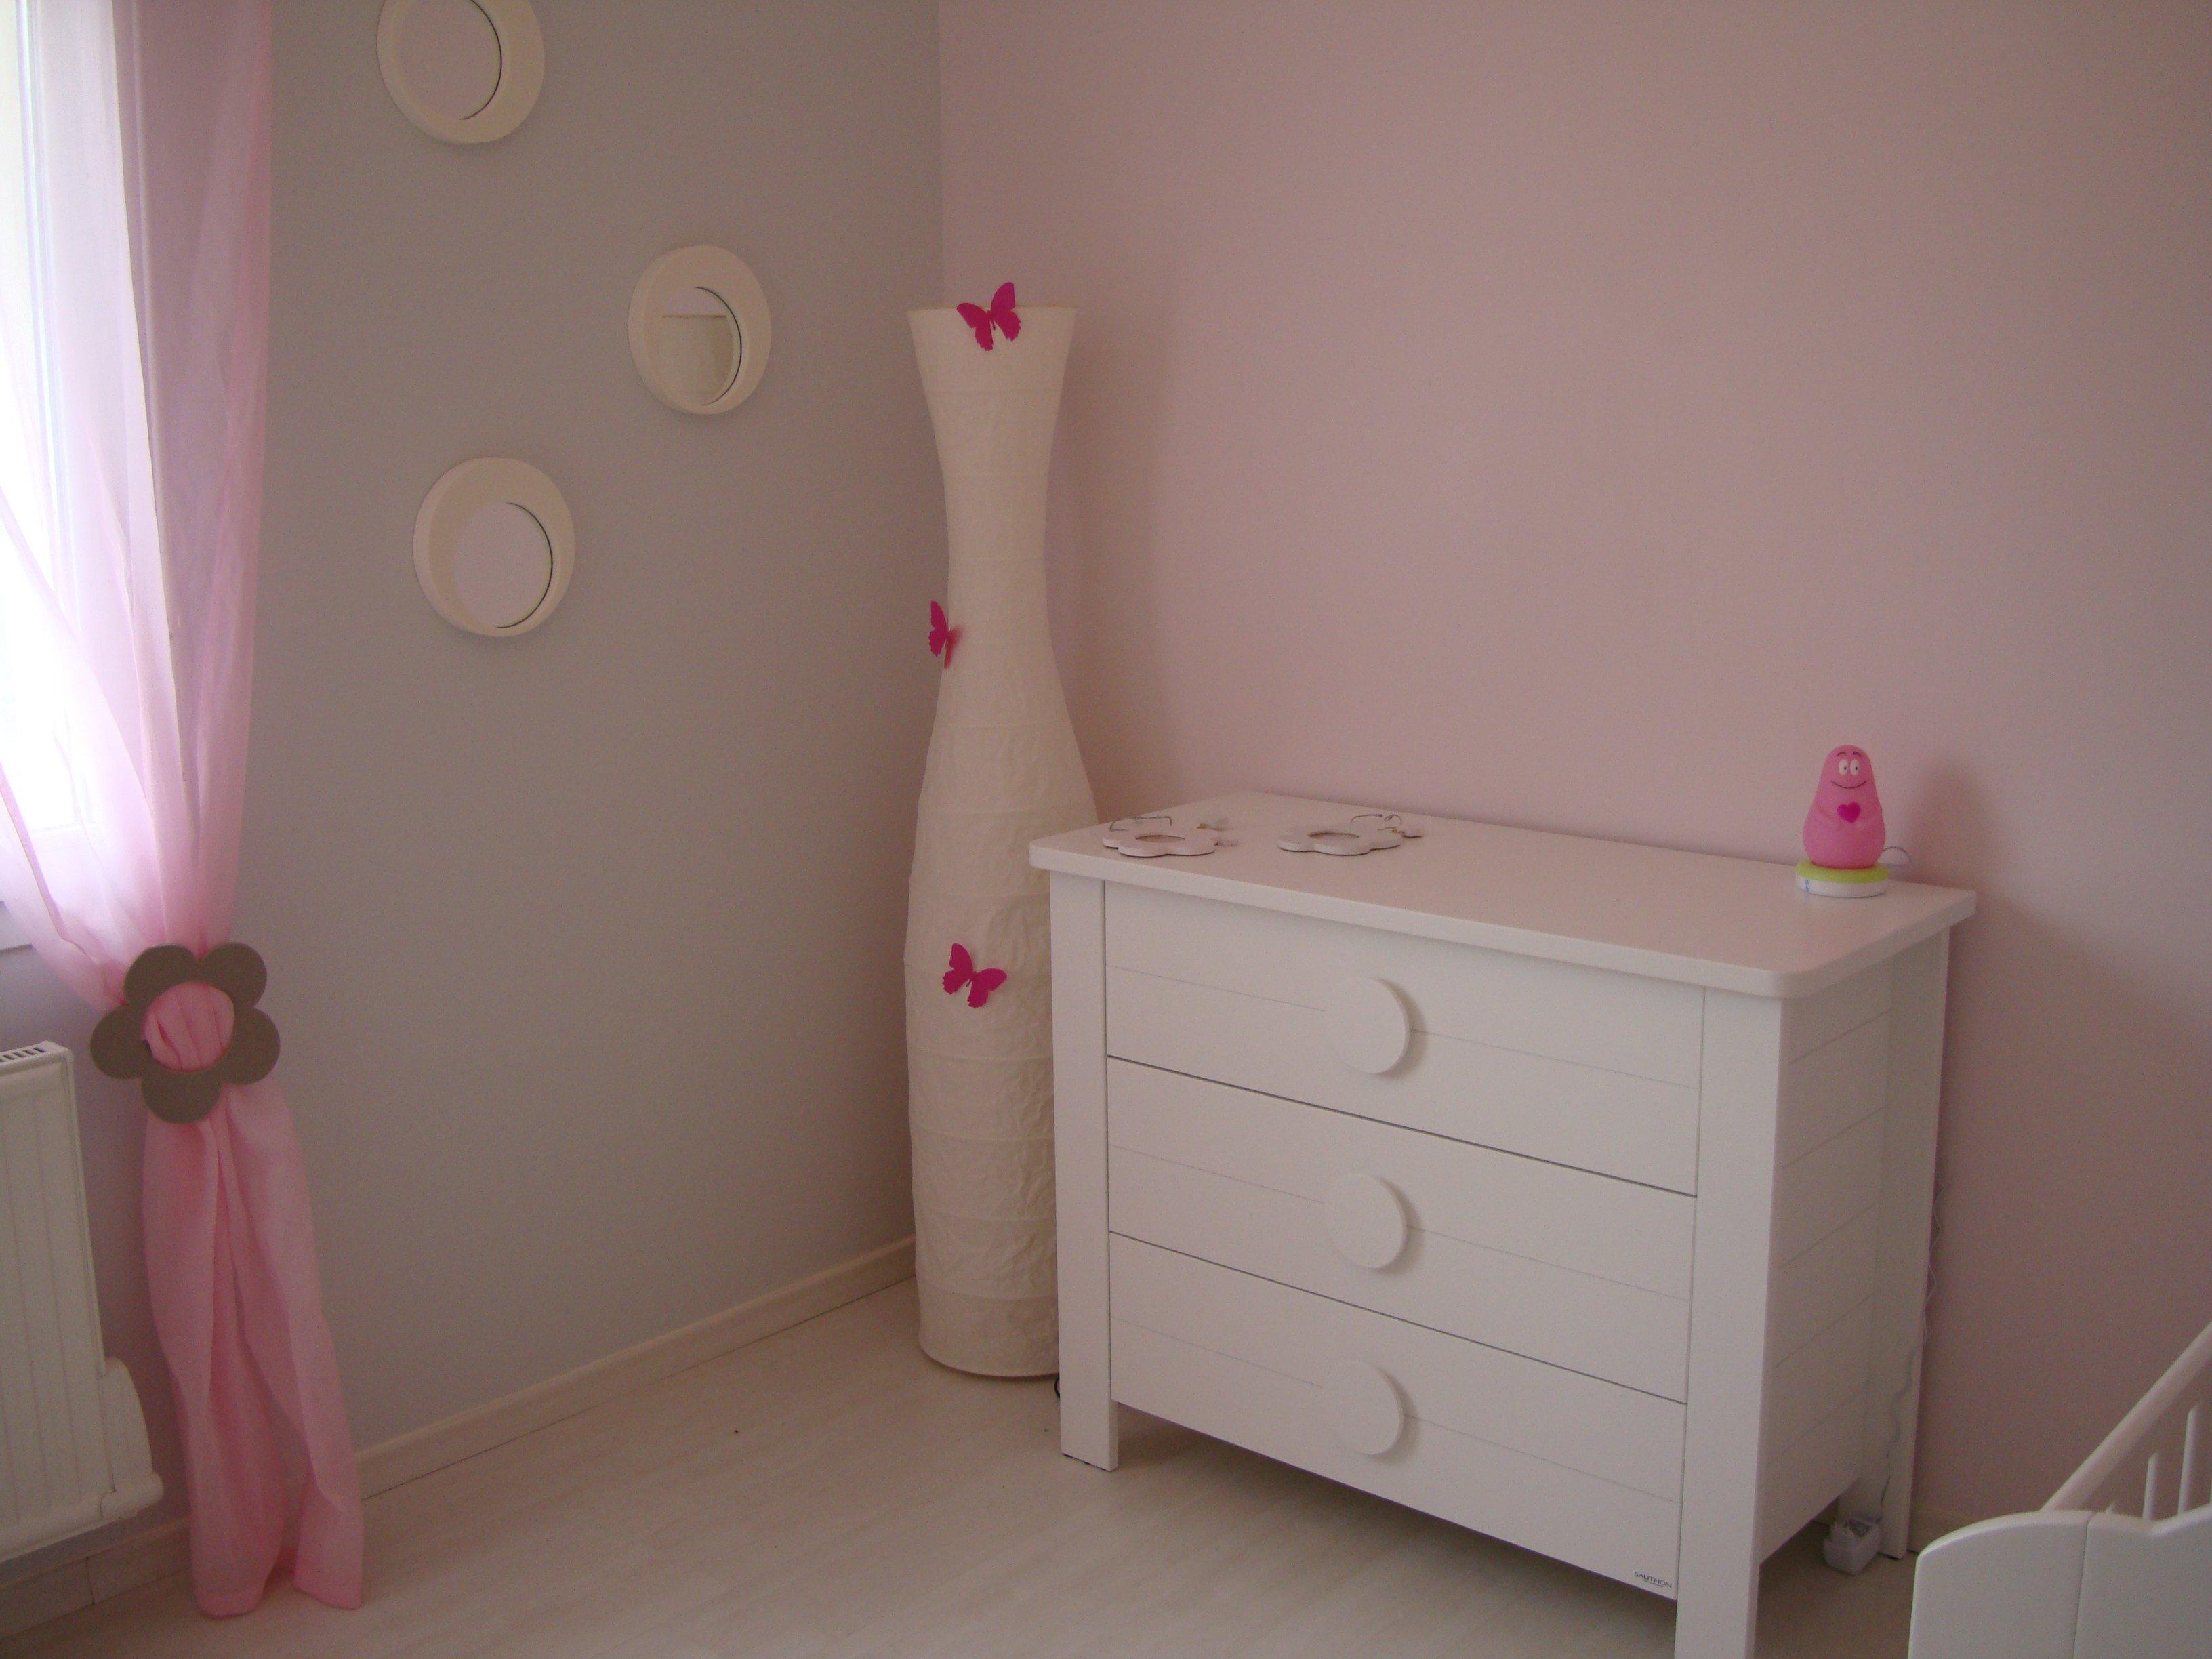 beautiful chambre de chouquette en gris et rosela suite chambre de with peinture gris clair - Peinture Gris Taupe Chambre